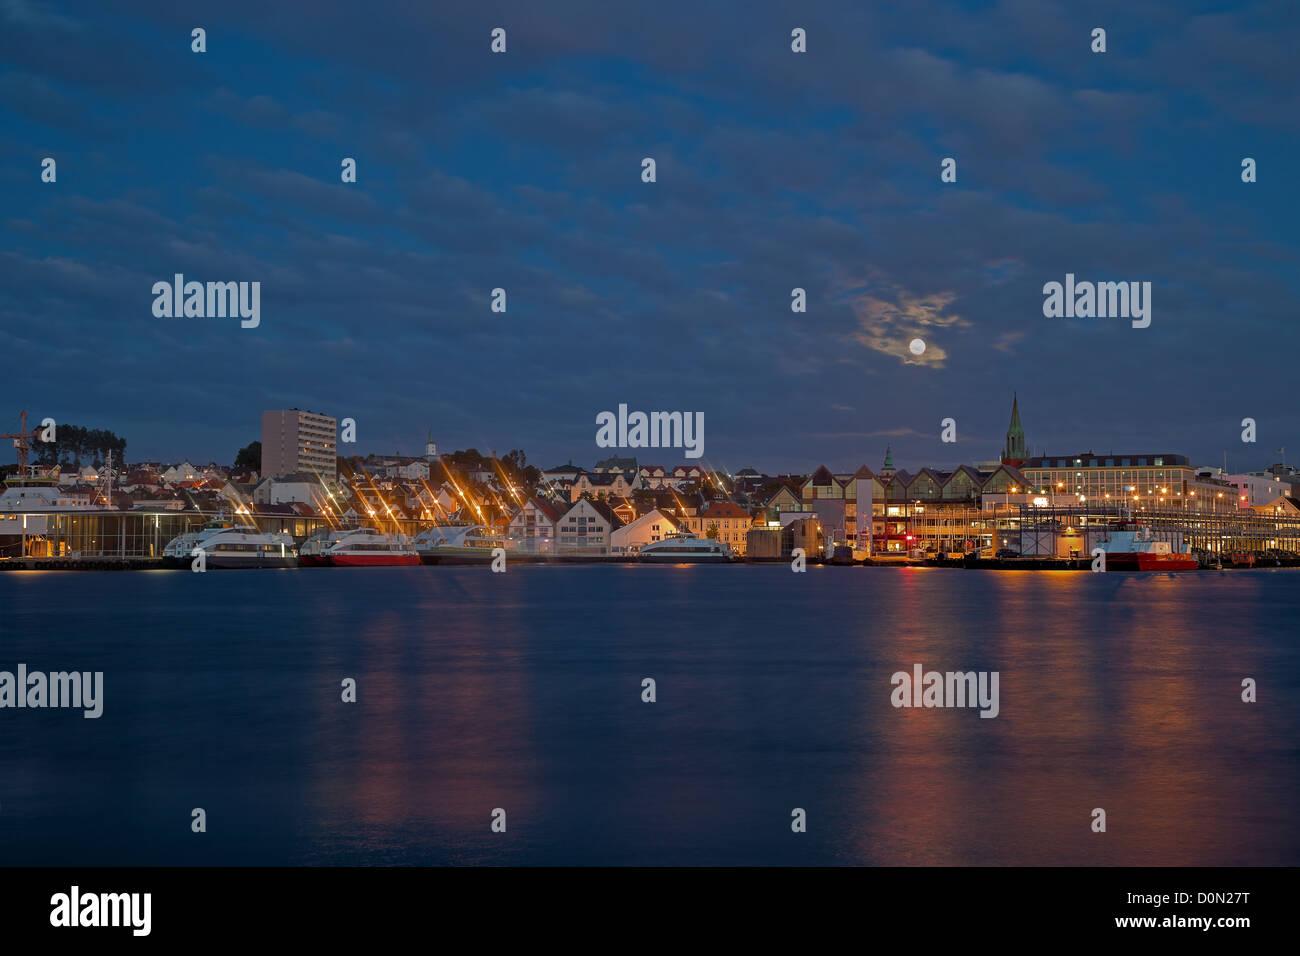 Nuit panorama de la ville portuaire de Stavanger, Norvège. Banque D'Images